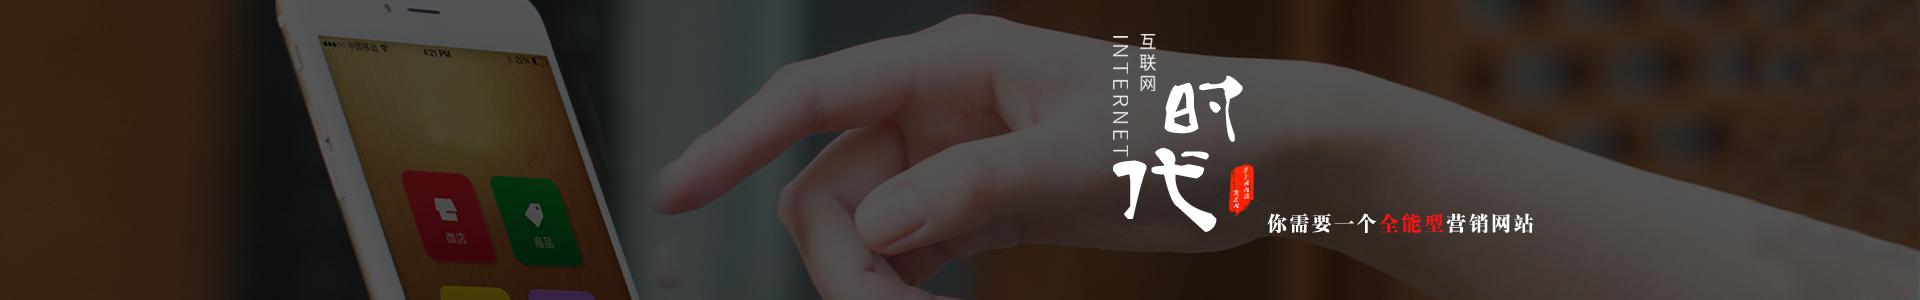 定制建站品牌网页设计